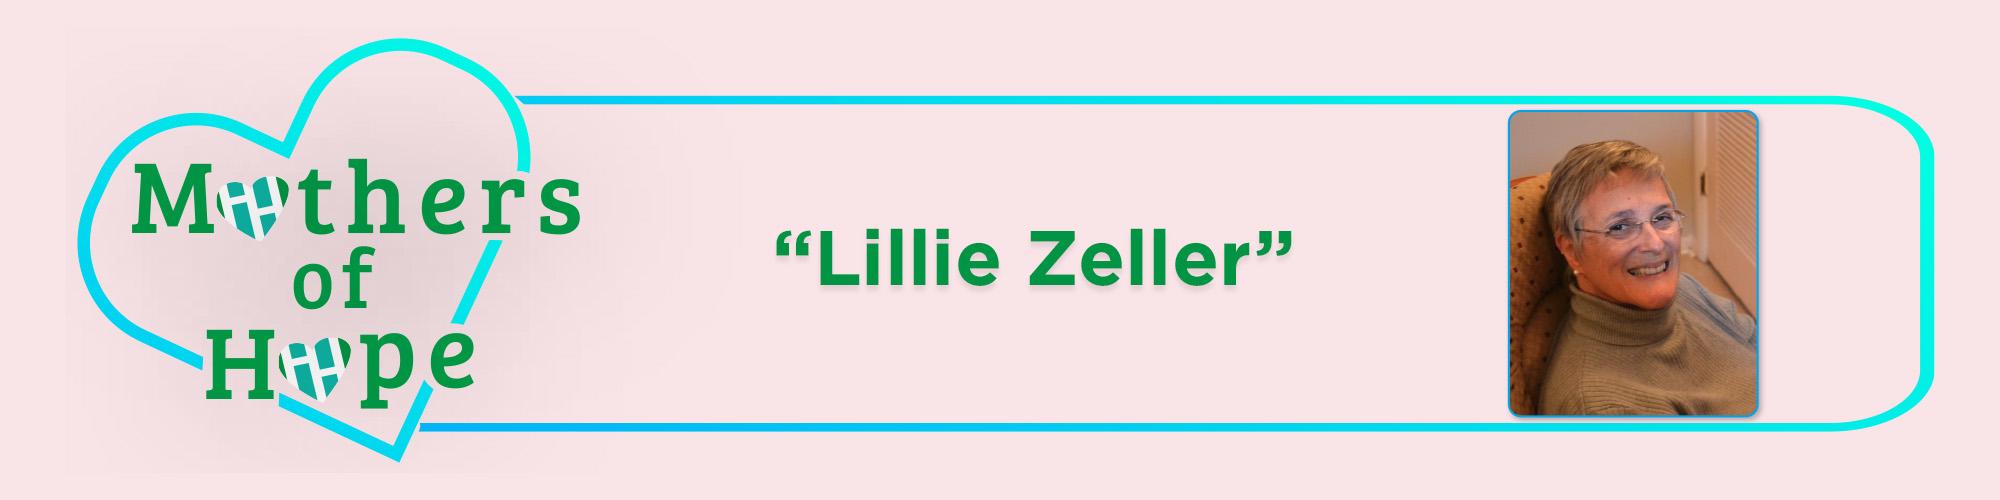 Lillie-Zeller